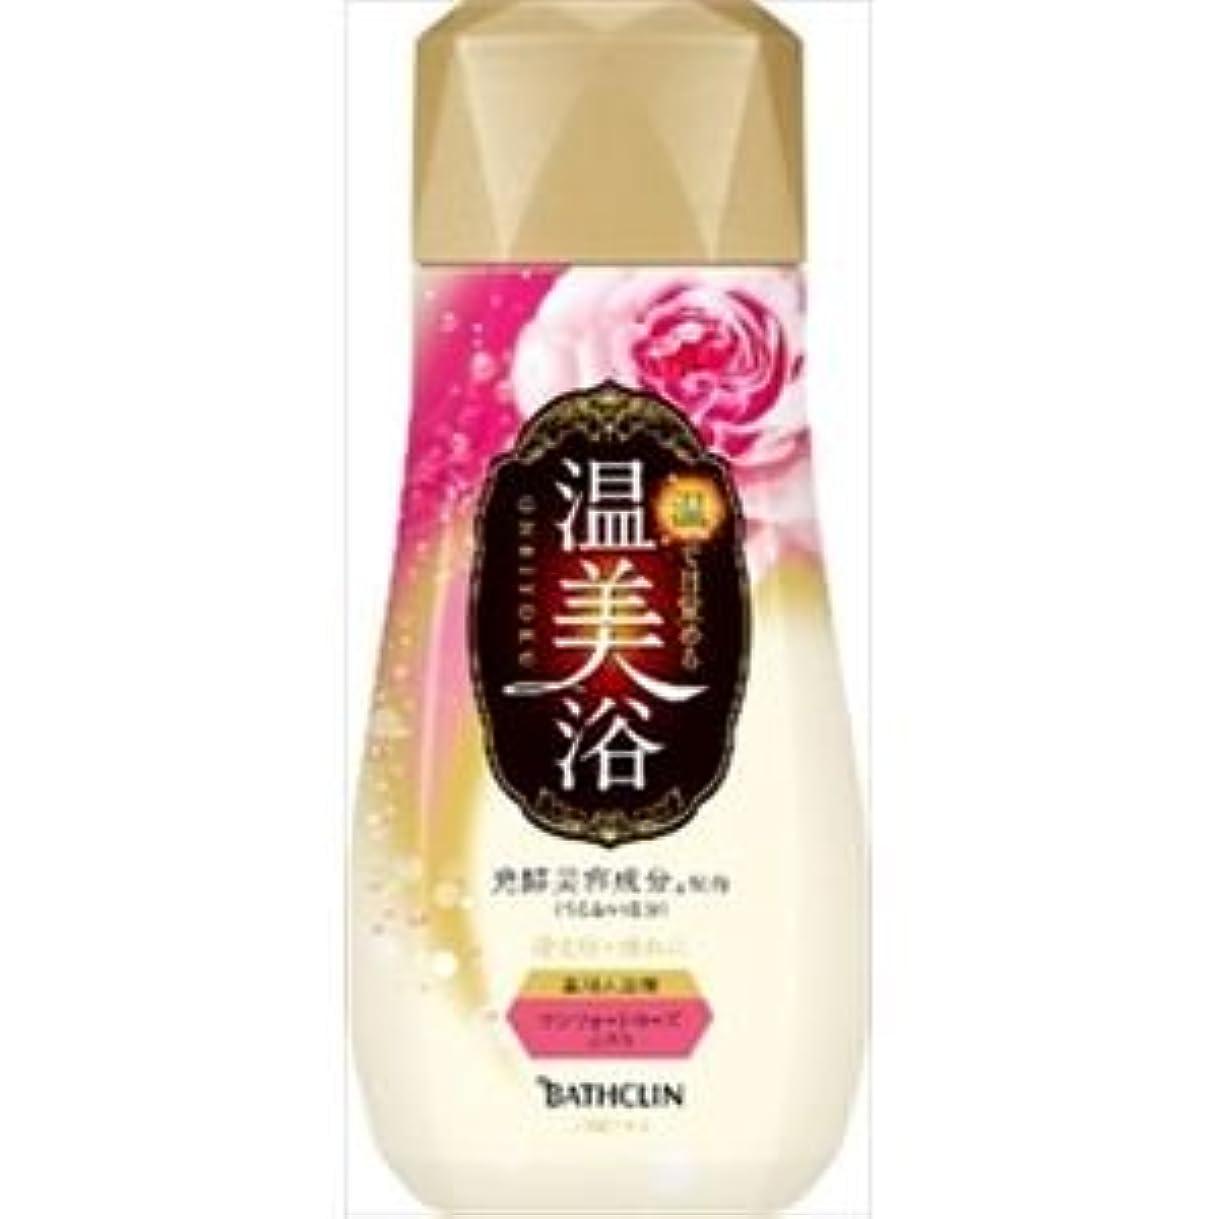 強風スーツポルティコ(まとめ)バスクリン 温美浴 コンフォートローズの香り 480g 【×3点セット】